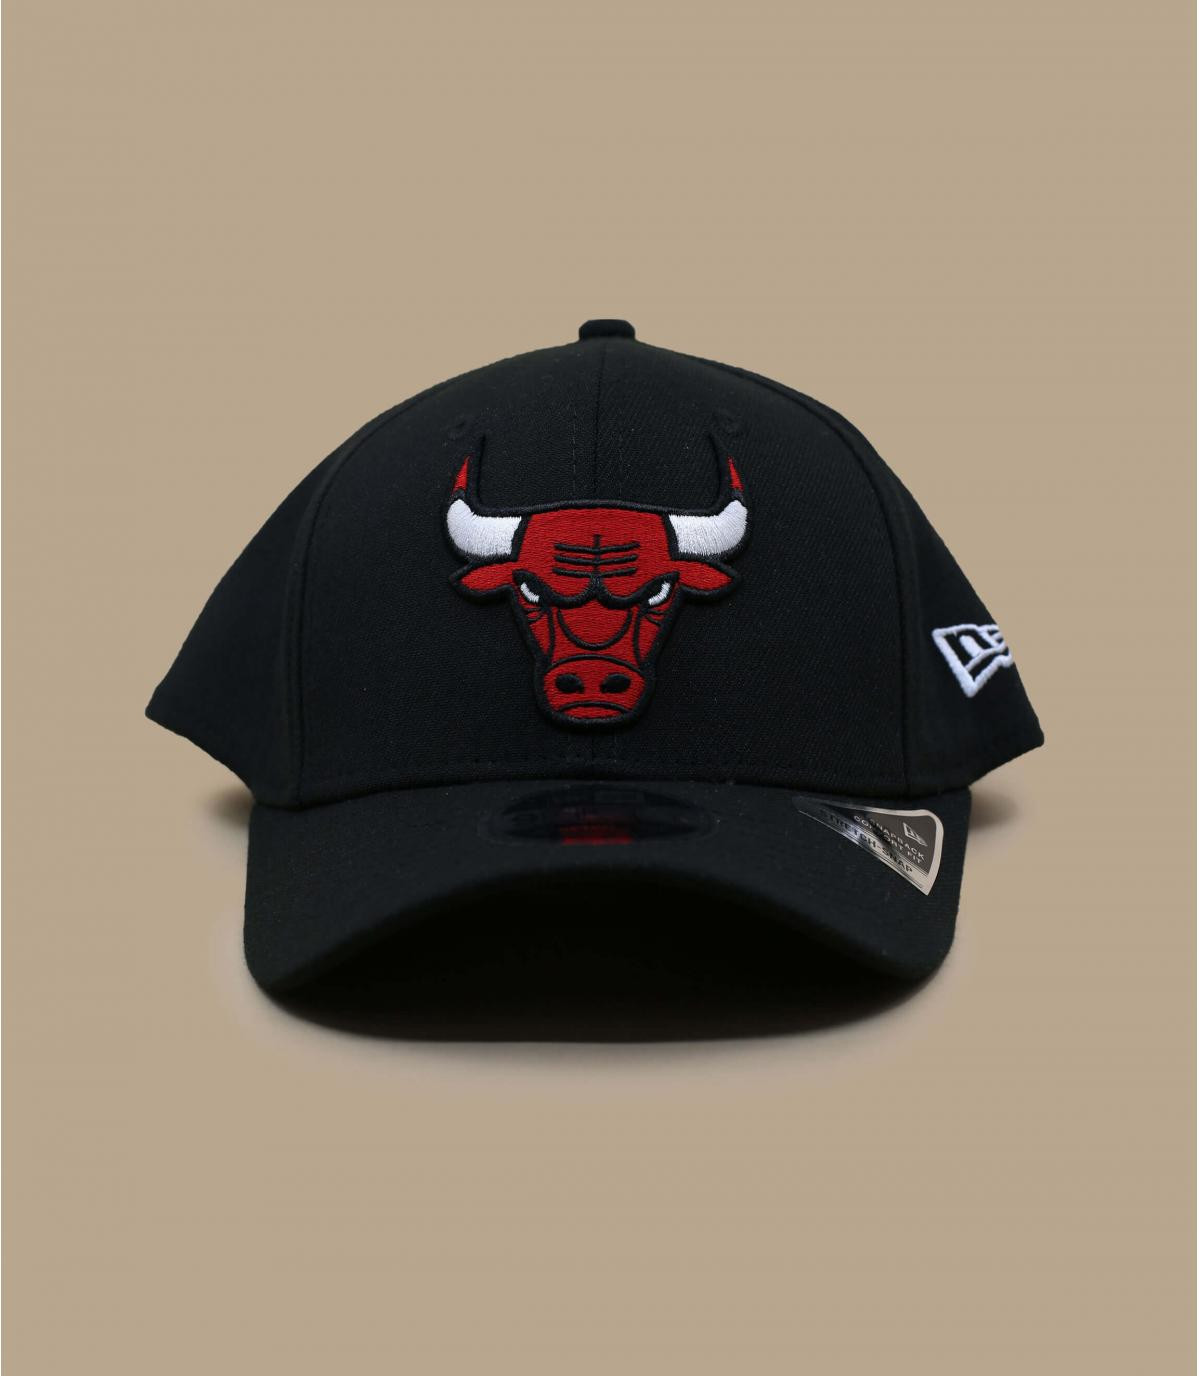 black Bulls cap - Stretch Snap Bulls 9Fifty by New Era. Headict d3c2165f9de